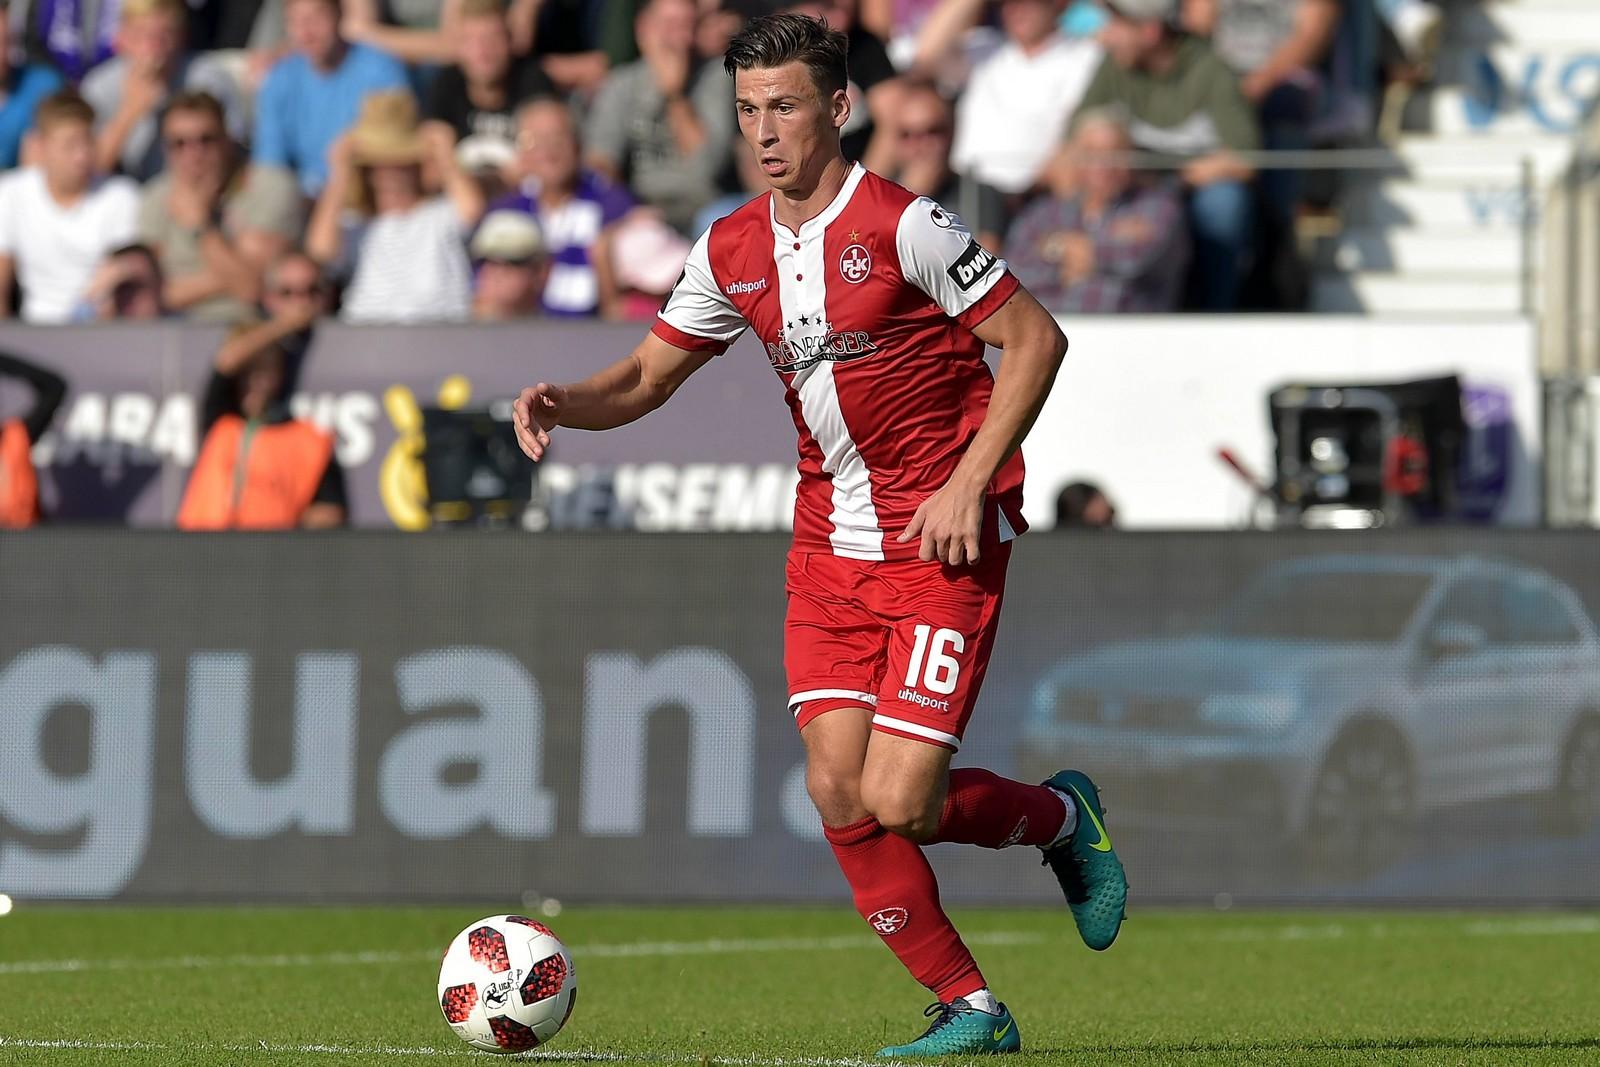 Theo Bergmann vom 1. FC Kaiserslautern